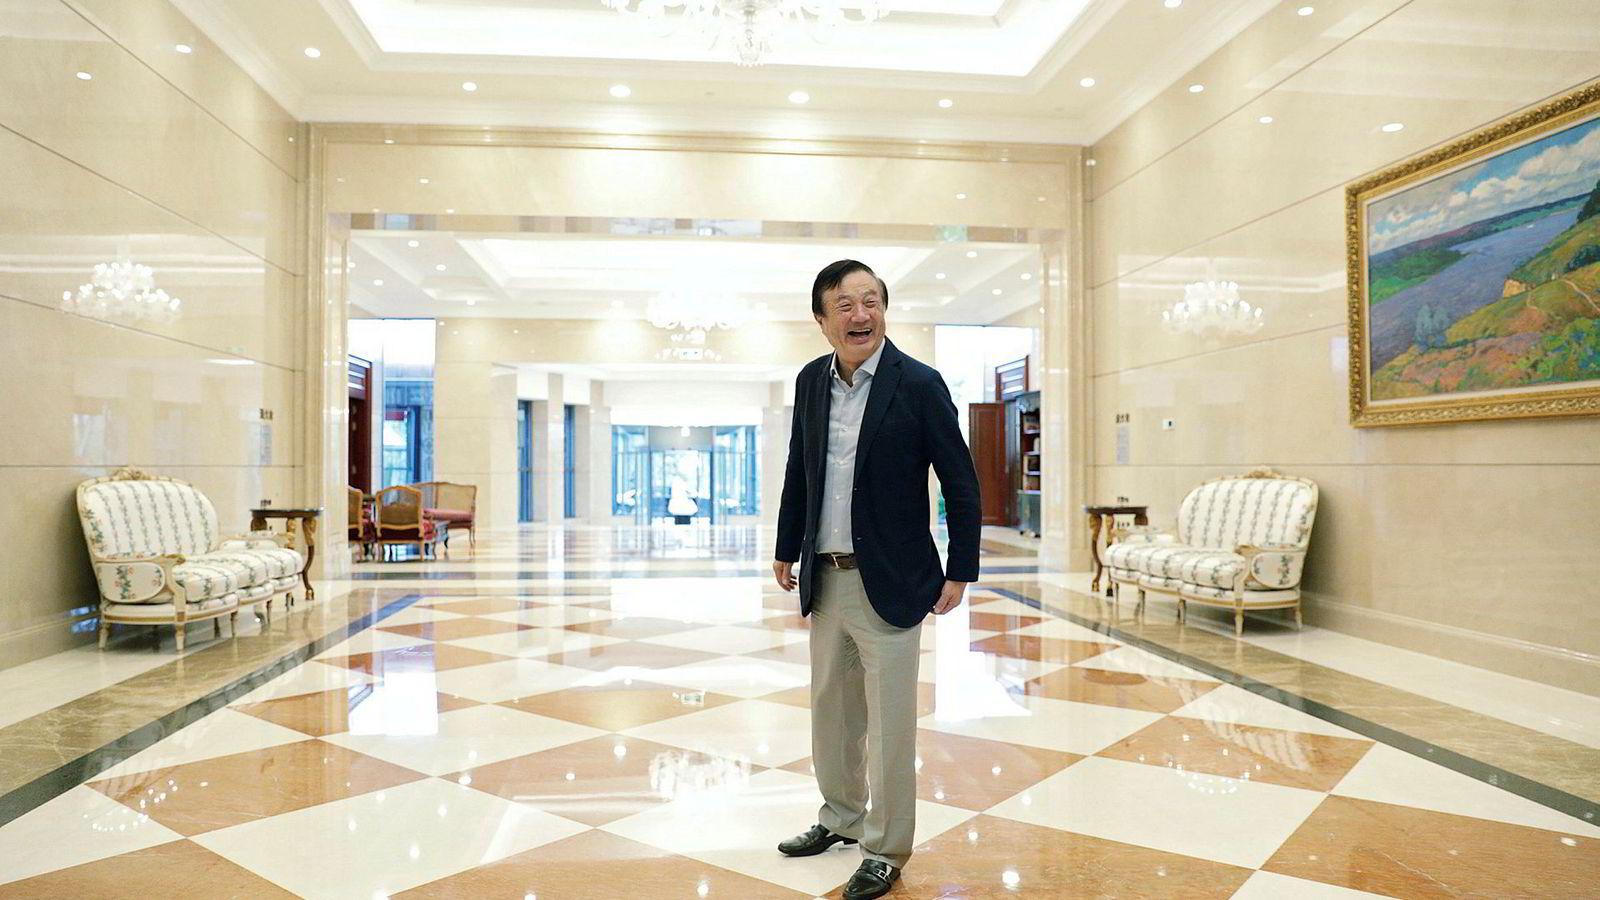 Det var et tidsspørsmål før USA så på Huawei som en trussel og ville igangsette gjengjeldelse, sier grunnlegger Ren Zhengfei. Han mener Huawei har tre års forsprang på konkurrentene. Her fotografert ved selskapets hovedkontor i Shenzhen, Kina,